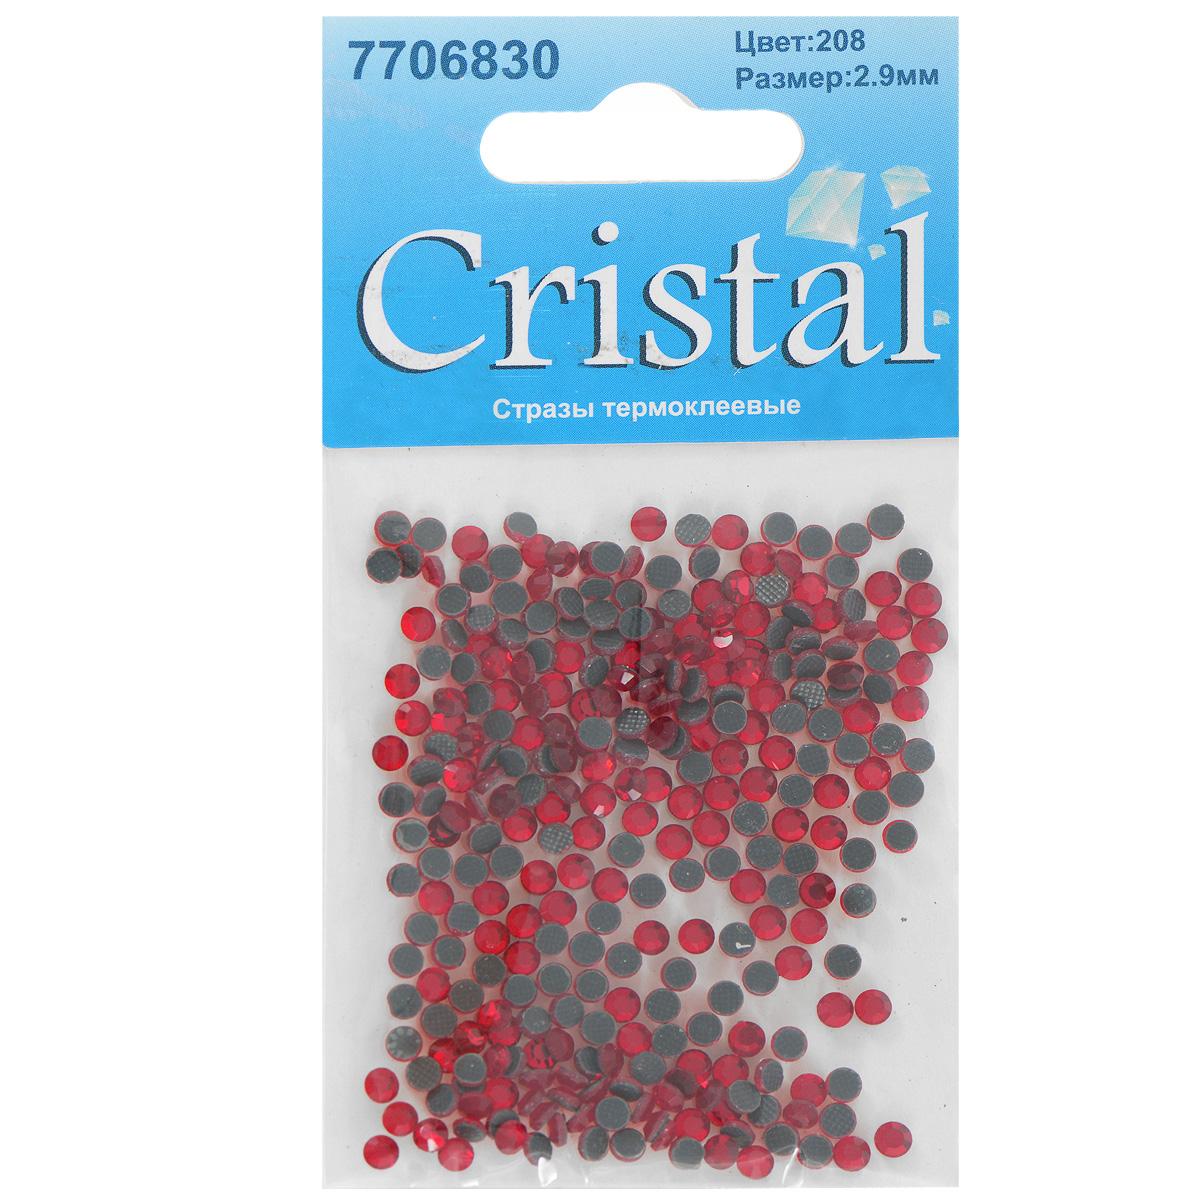 Стразы термоклеевые Cristal, цвет: красный (208), диаметр 2,9 мм, 288 шт7706830_208Набор термоклеевых страз Cristal, изготовленный из высококачественного акрила, позволит вам украсить одежду, аксессуары или текстиль. Яркие стразы имеют плоское дно и круглую поверхность с гранями.Дно термоклеевых страз уже обработано особым клеем, который под воздействием высоких температур начинает плавиться, приклеиваясь, таким образом, к требуемой поверхности. Чаще всего их используют в текстильной промышленности: стразы прикладывают к ткани и проглаживают утюгом с обратной стороны. Также можно использовать специальный паяльник. Украшение стразами поможет сделать любую вещь оригинальной и неповторимой. Диаметр страз: 2,9 мм.